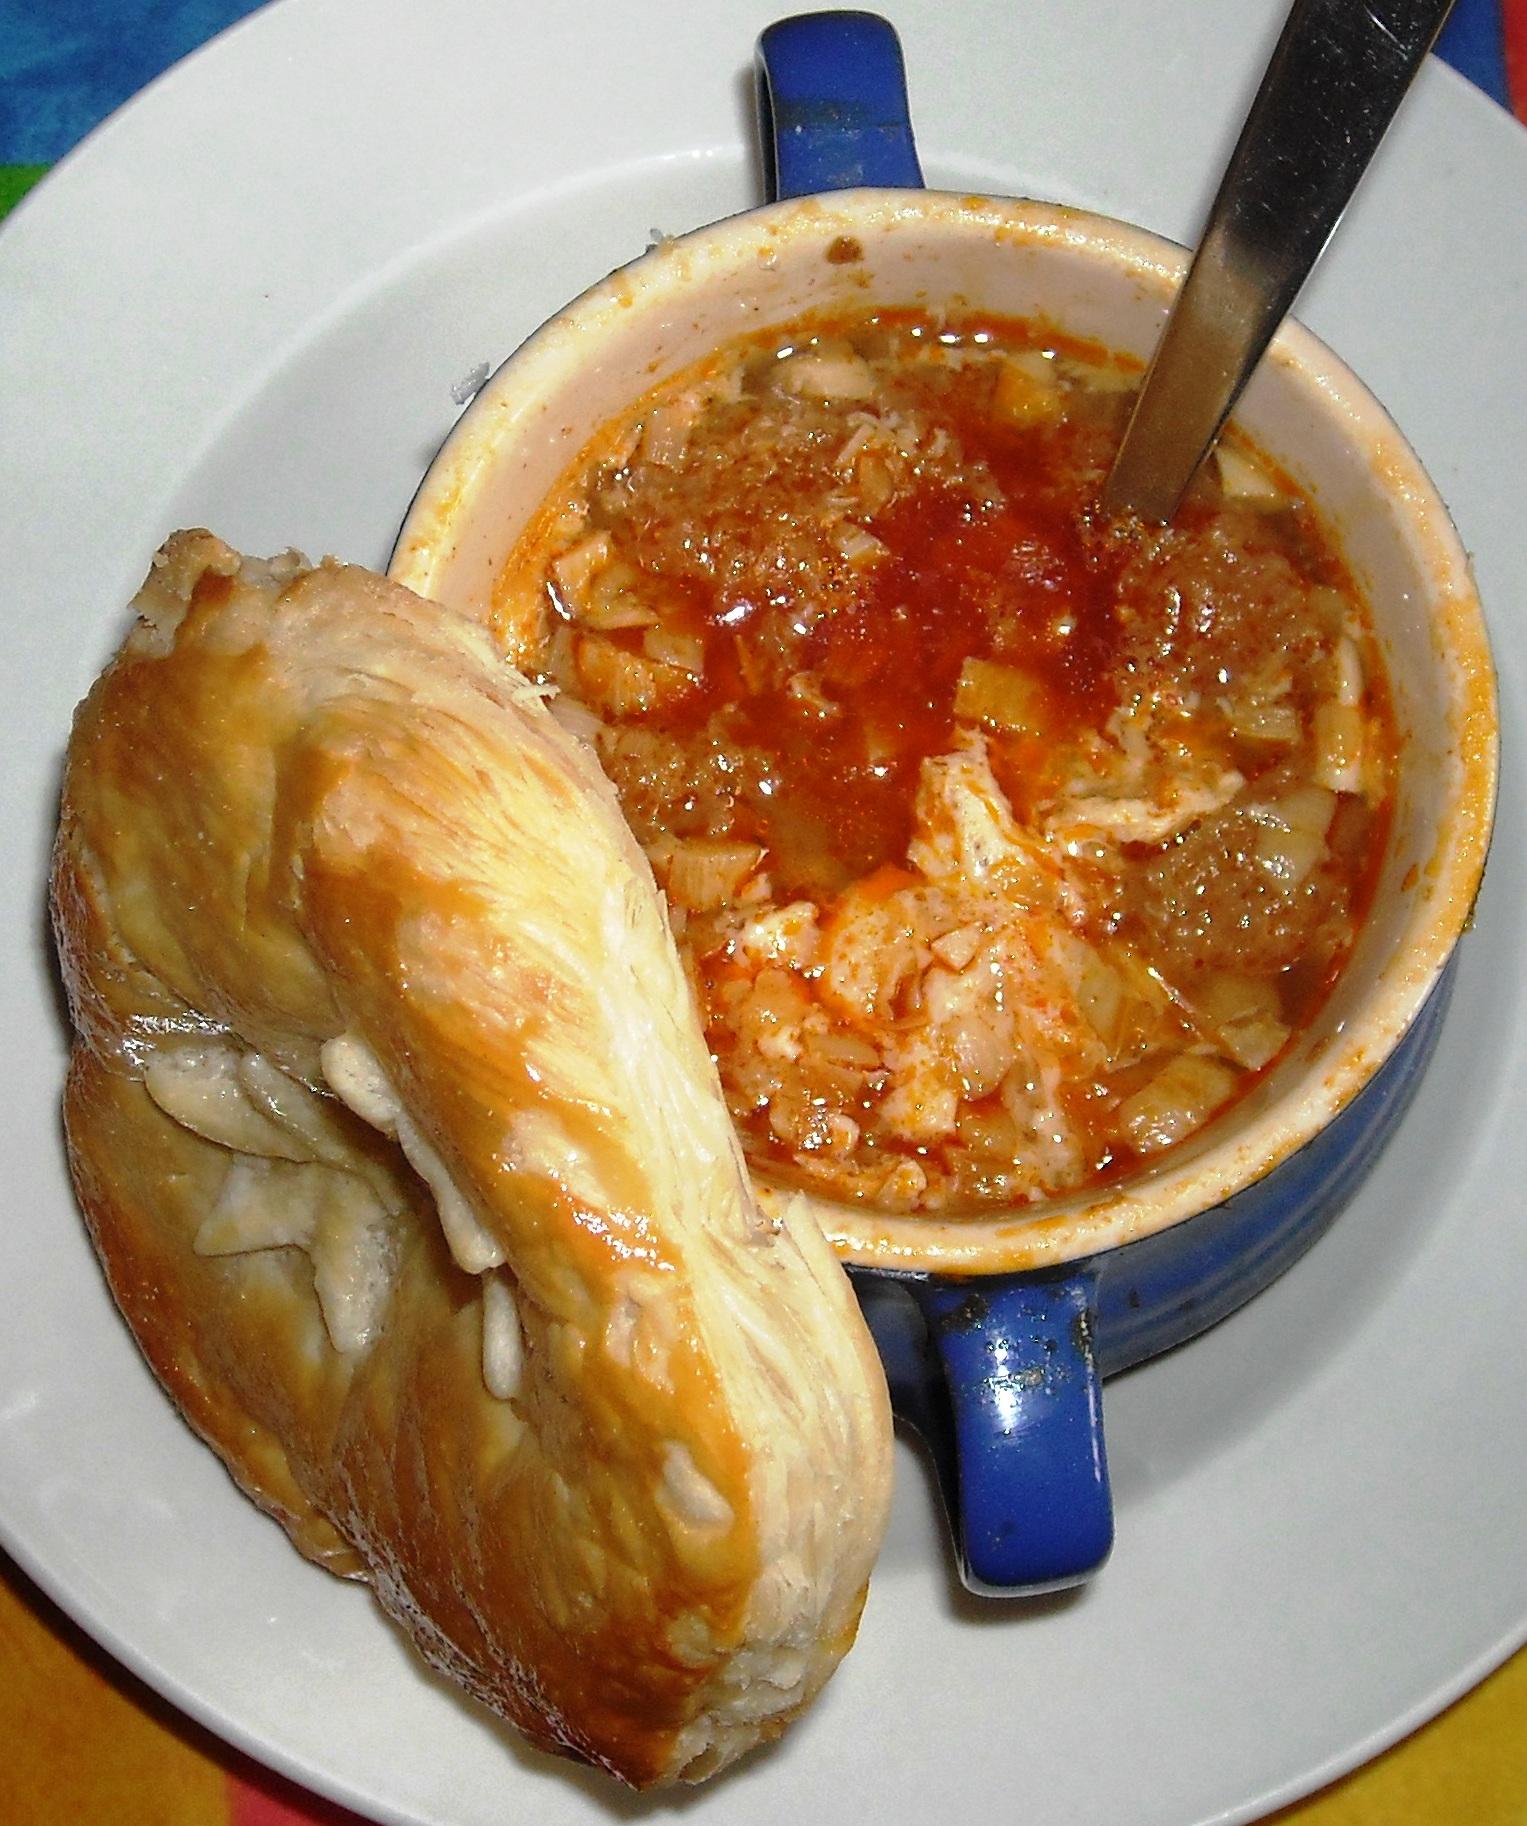 Sopa de ajo prisionera 'Imprisoned' garlic soup) Egg recipe